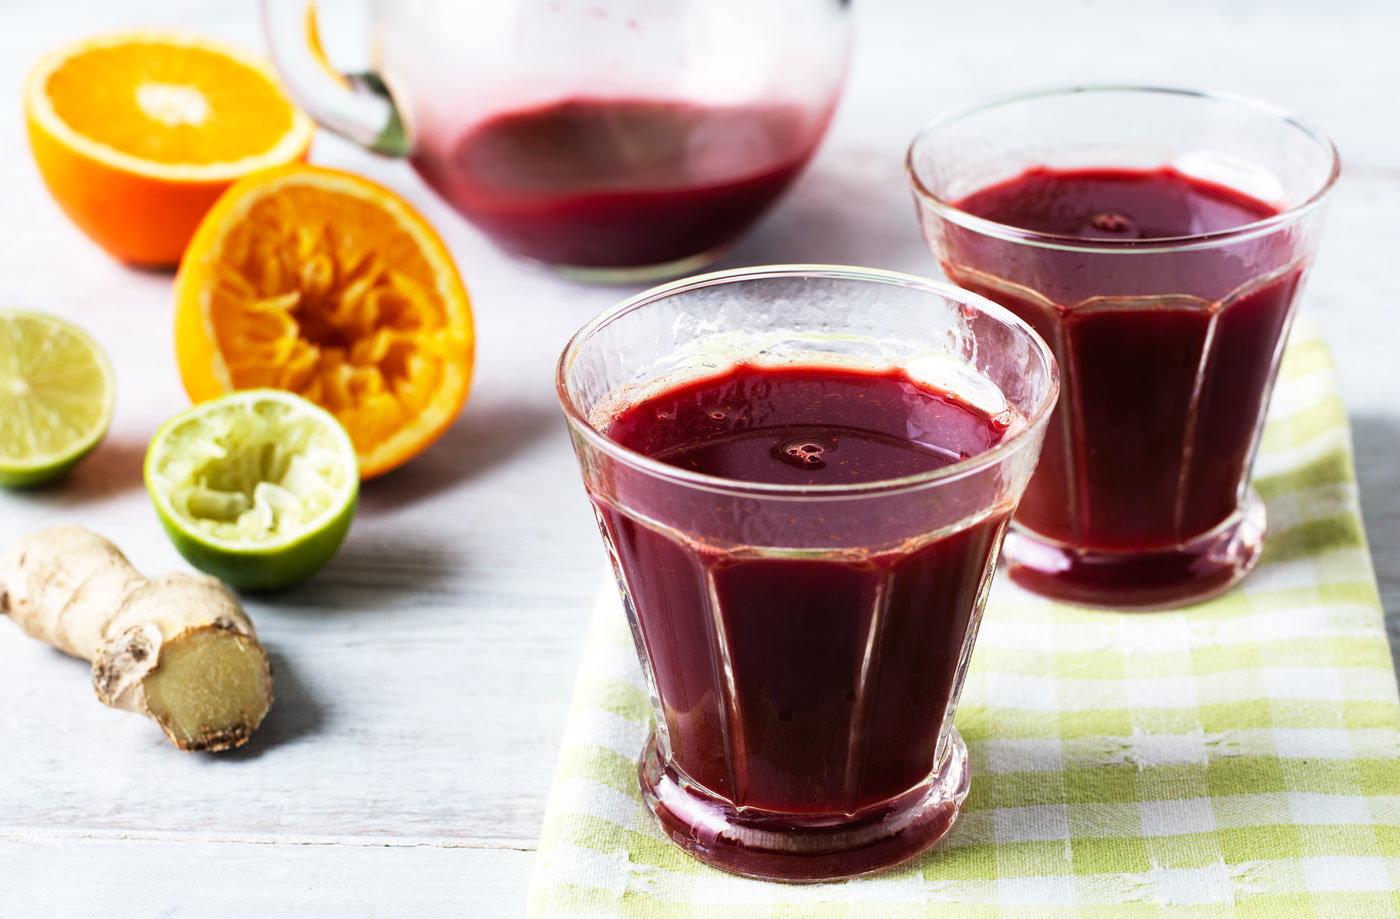 Zinger Breakfast Juice